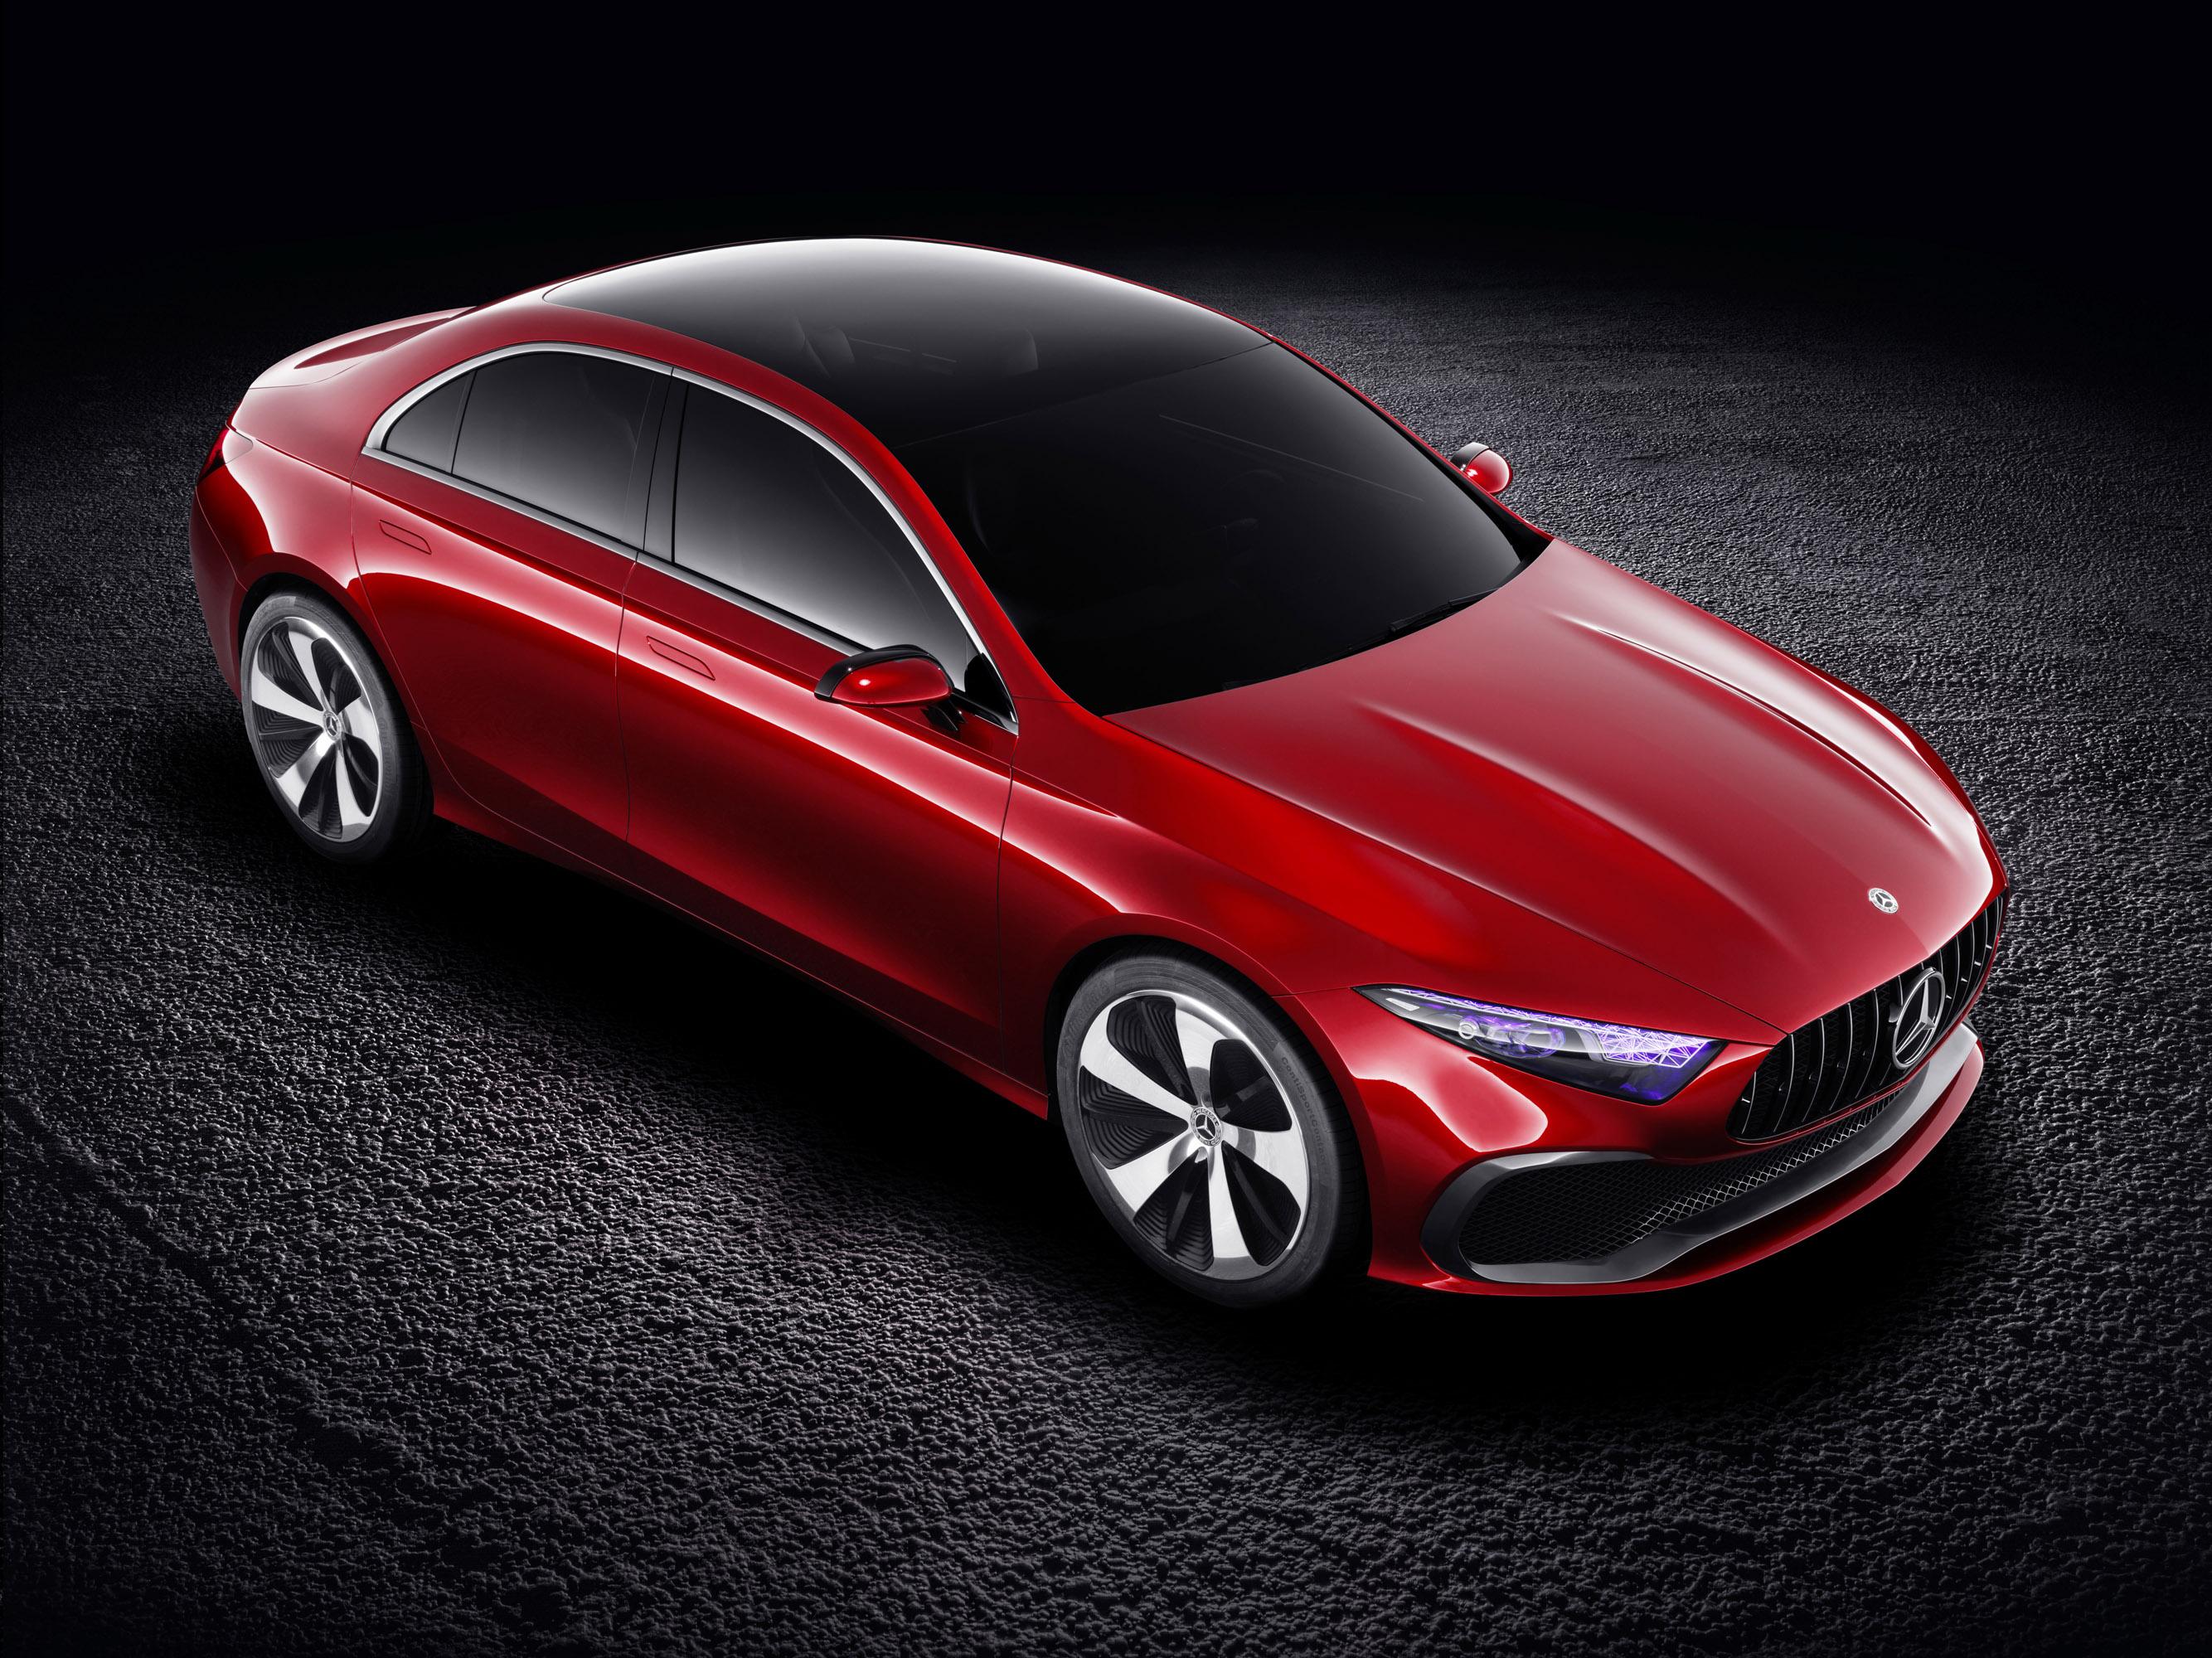 Тем не менее, к настоящему времени Mercedes-Benz официально показал только внешний вид, но мы полагаем, что дизайн интерьера, а также система трансмиссии будут такими же роскошными, как и экстерьер концепта